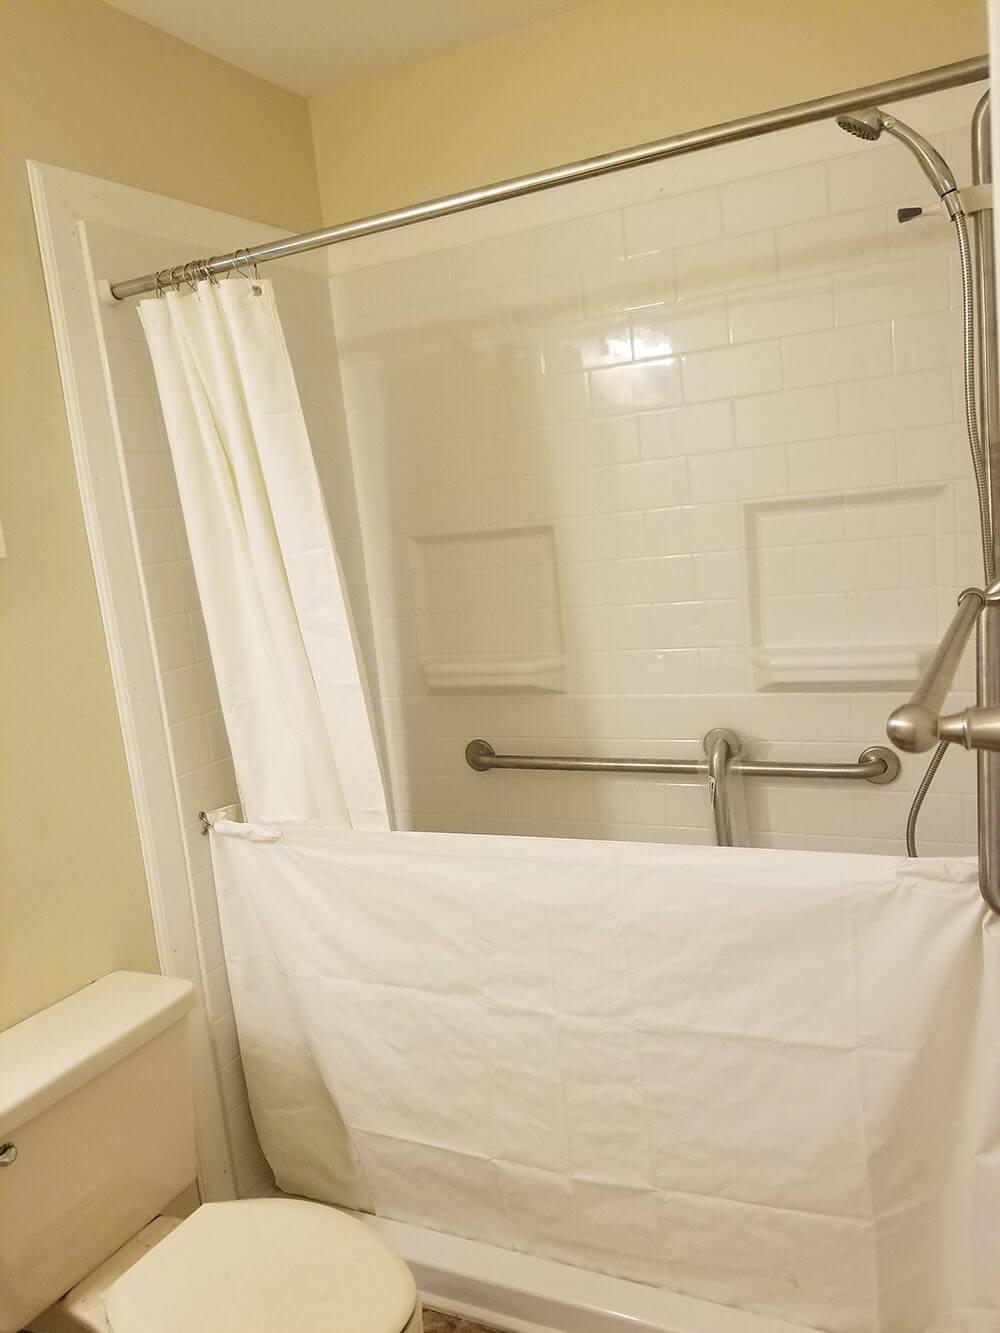 Caregiver's Curtain